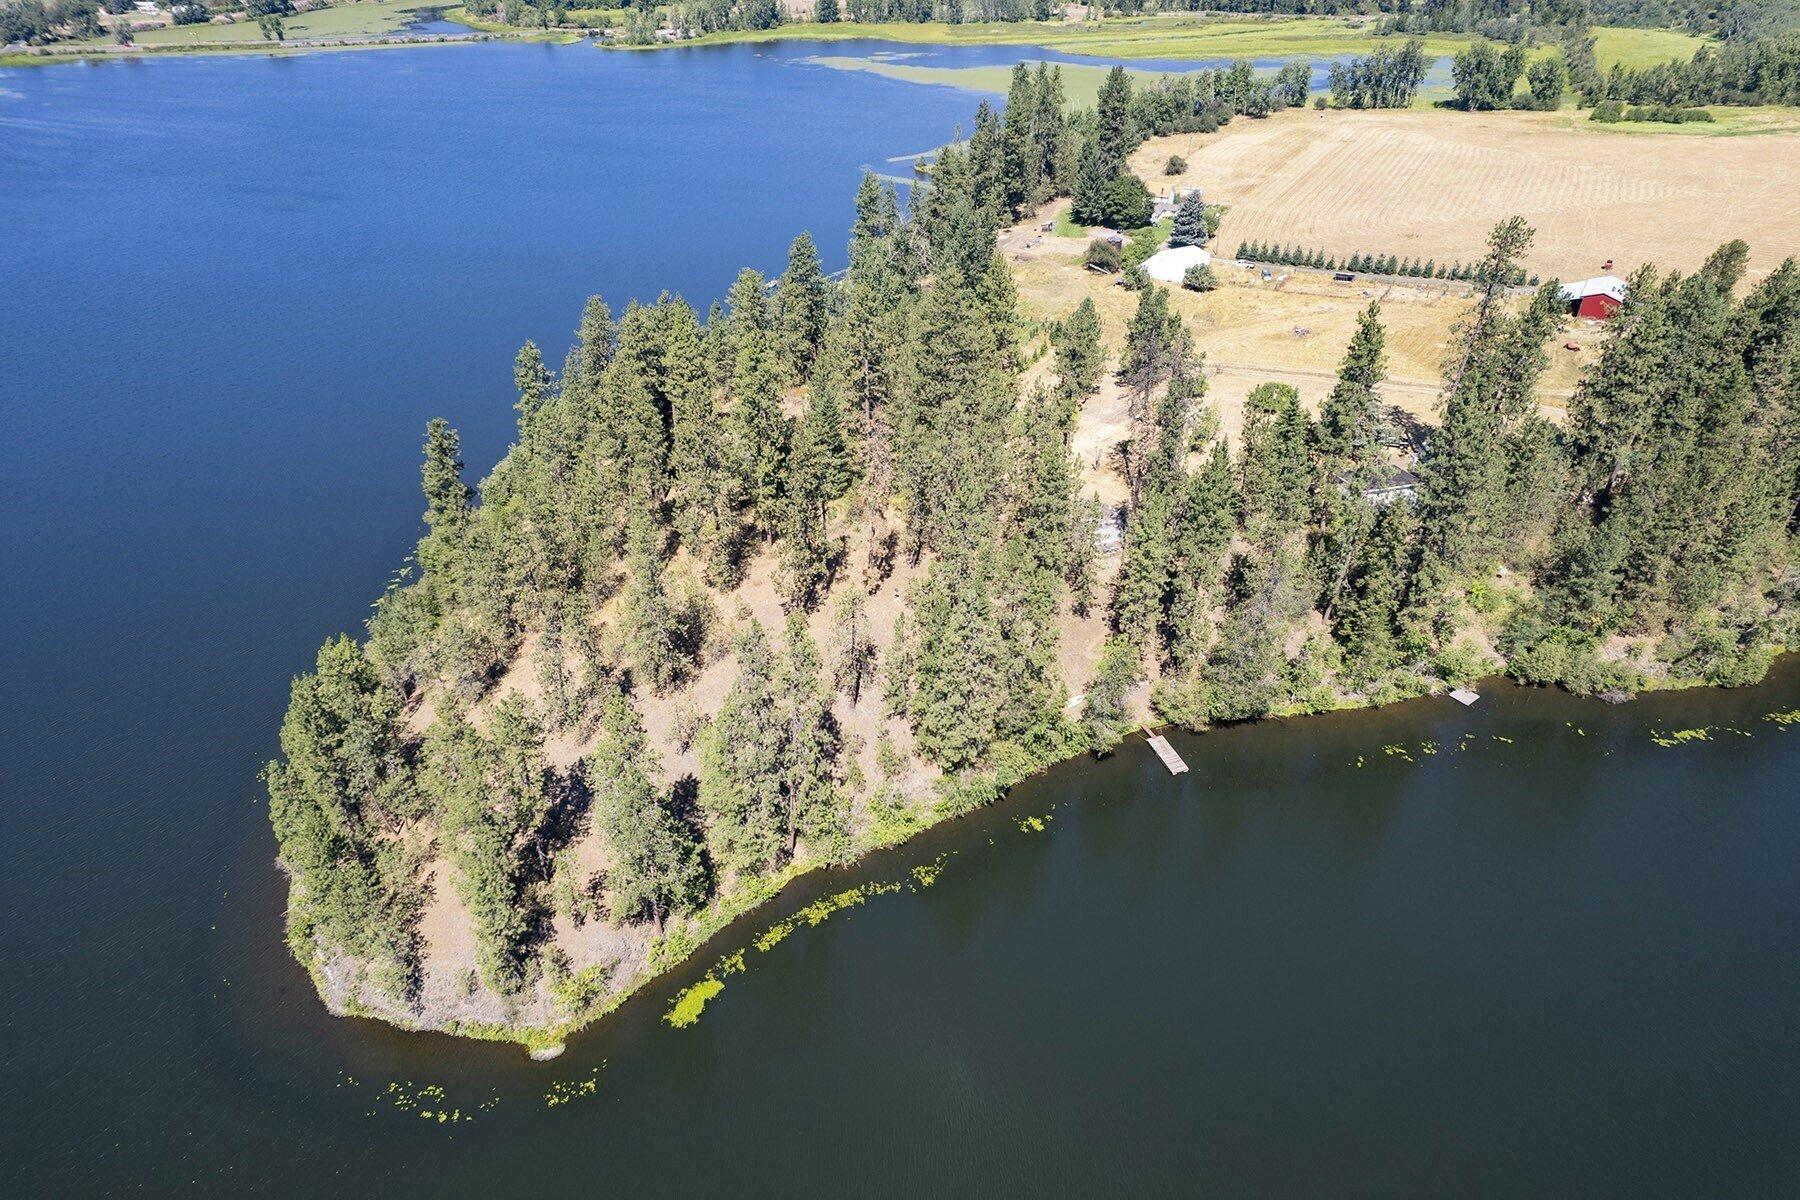 Земля в Медимонт, Айдахо, Соединенные Штаты Америки 1 - 11623213